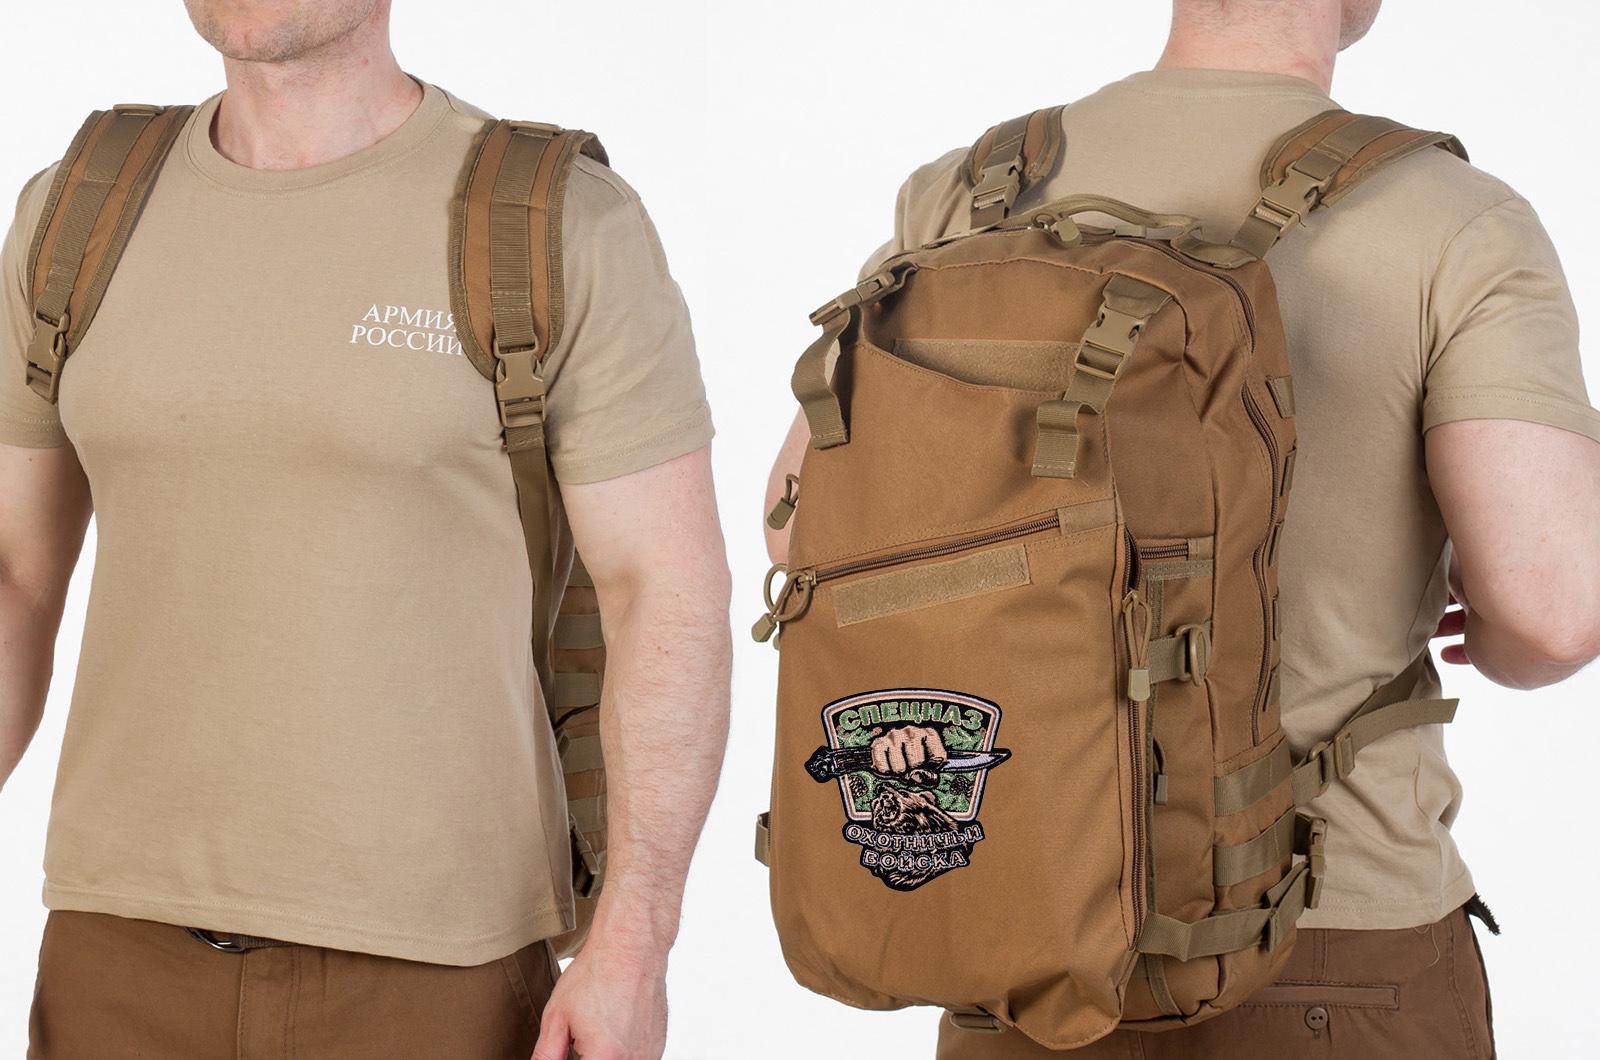 Мужской практичный рюкзак с нашивкой Охотничий Спецназ - купить по низкой цене